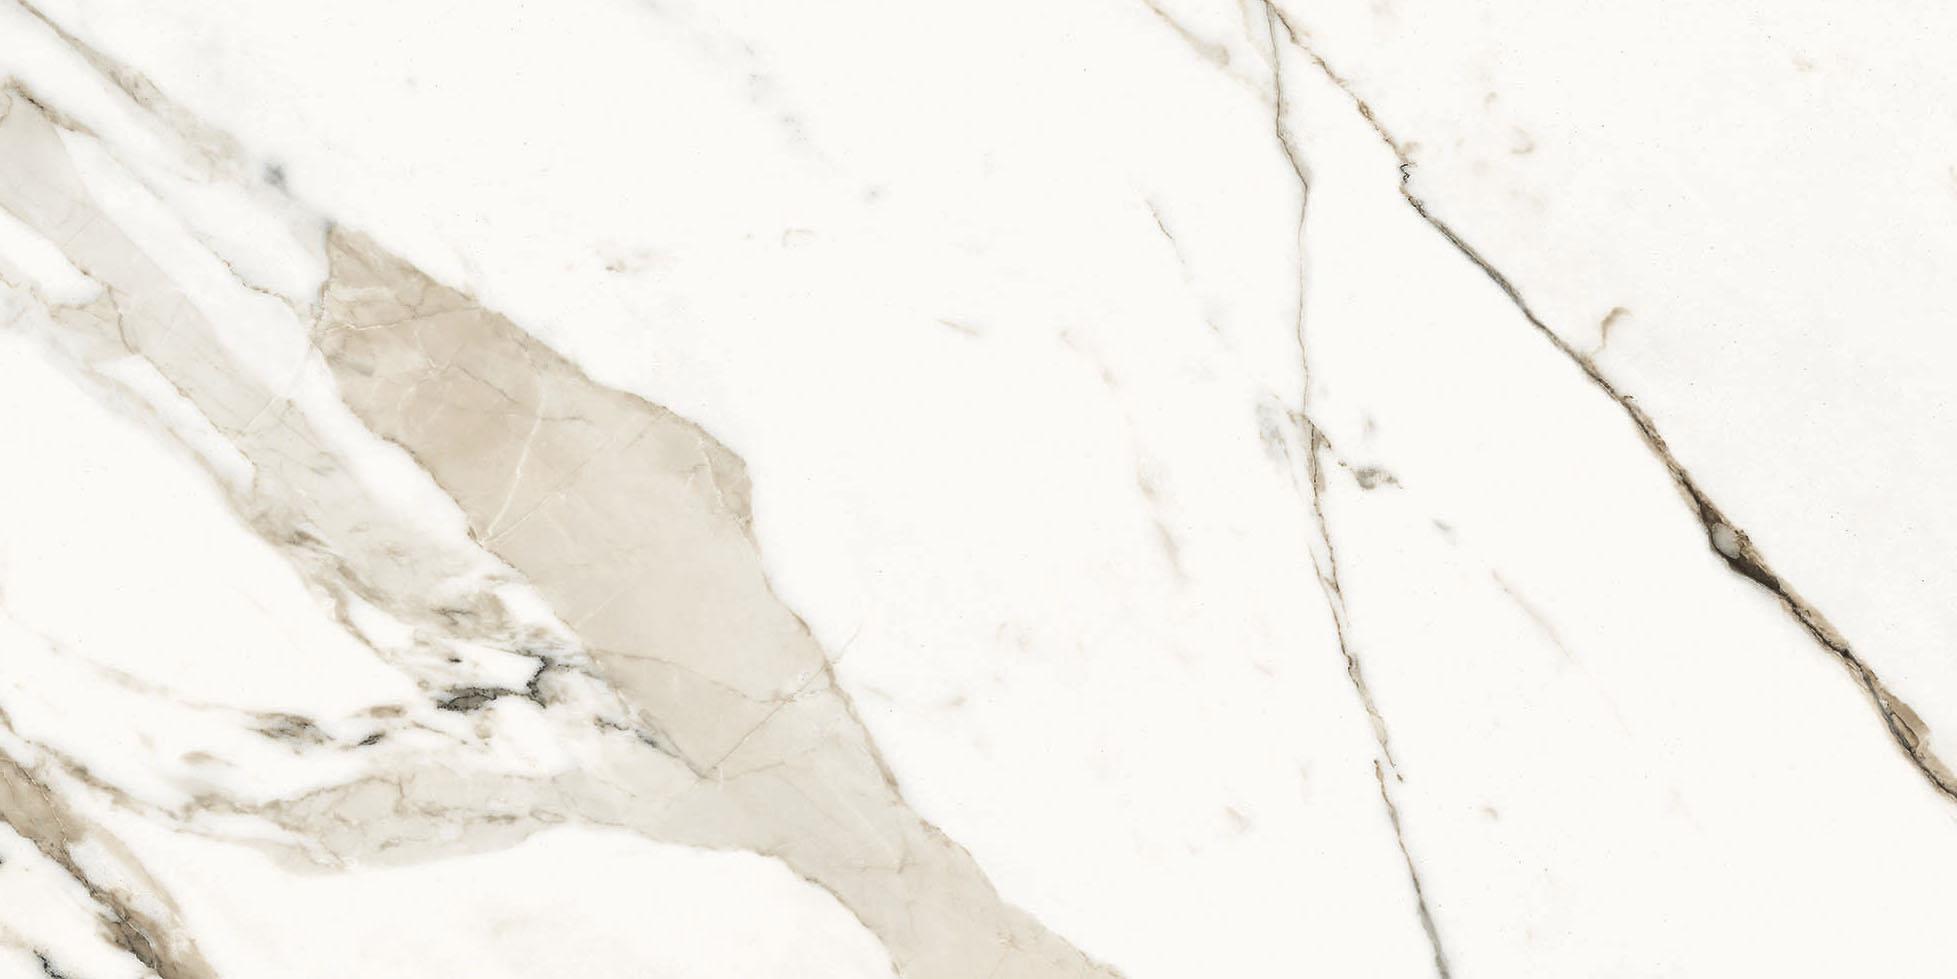 0097483, Archimarble, Valkoinen, lattia,pakkasenkesto